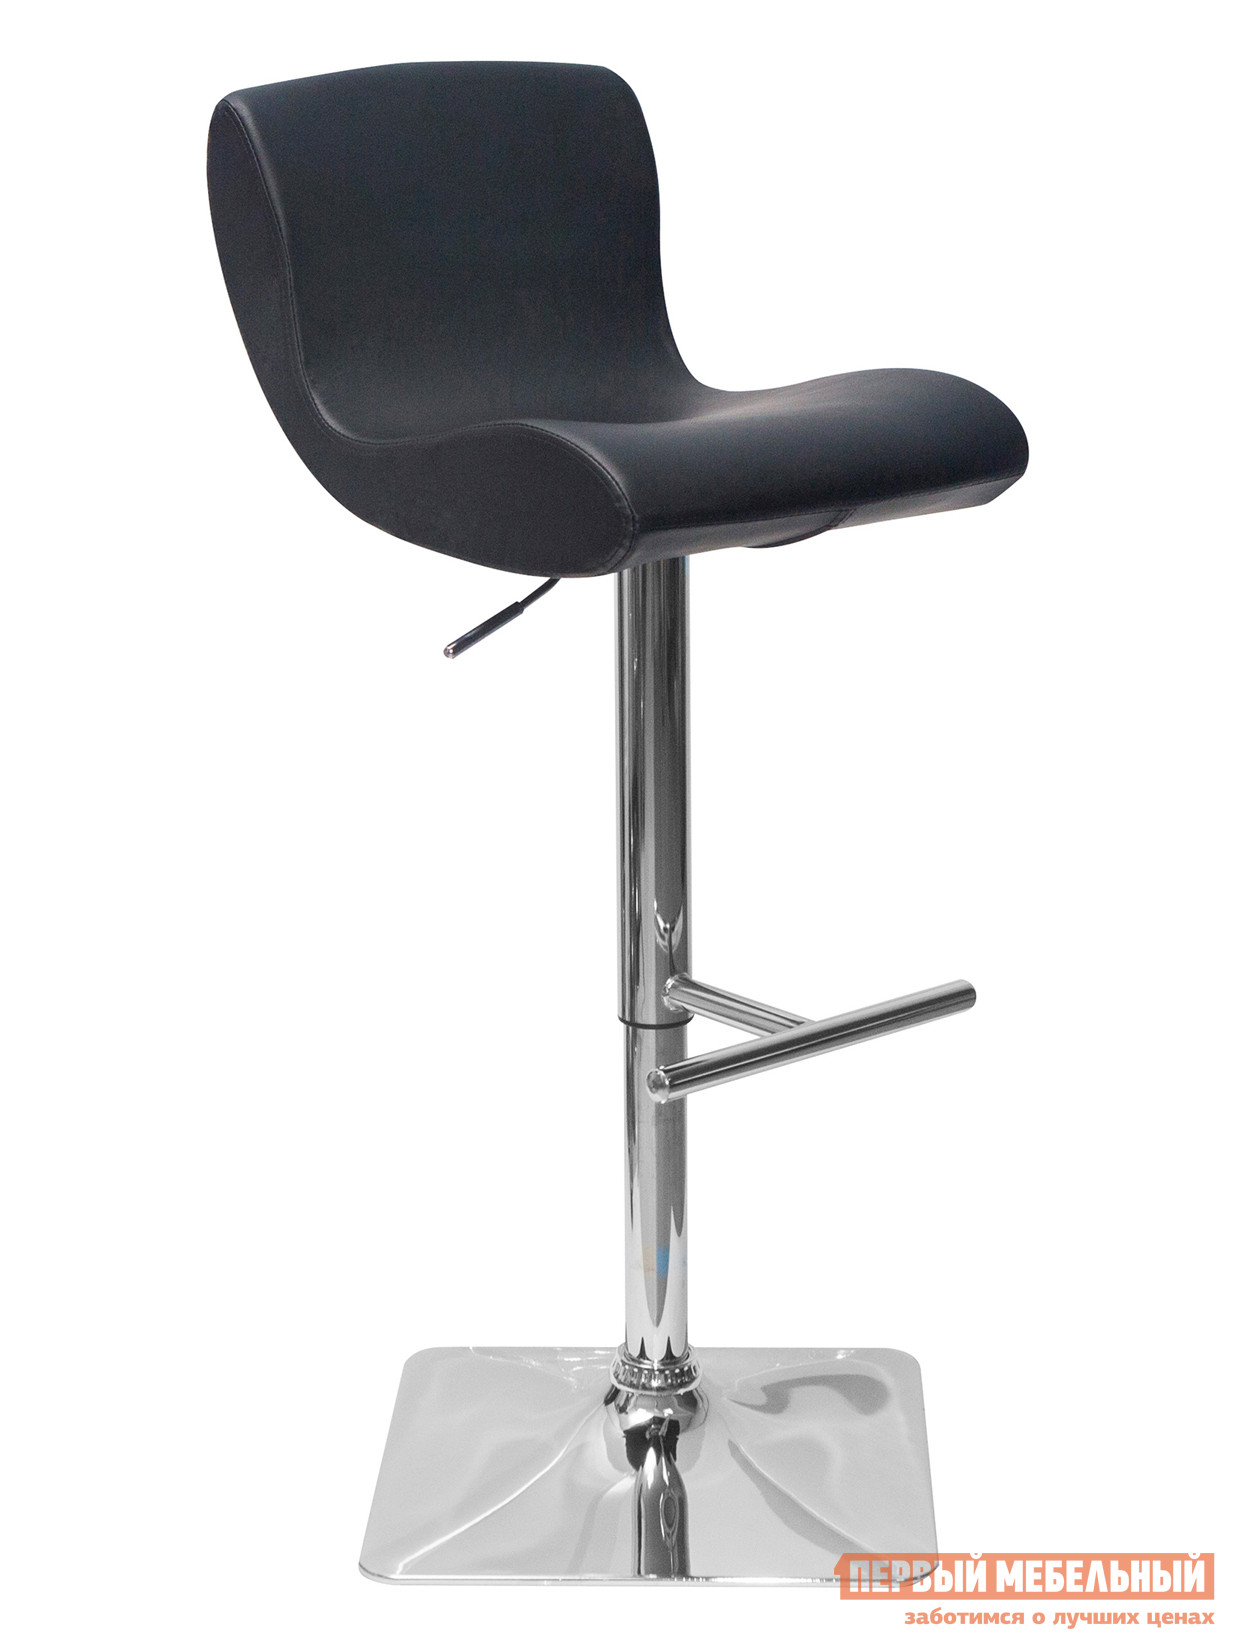 Барный стул STOOL GROUP Стул барный ХАМЕР Черный STOOL GROUP Габаритные размеры ВхШхГ 870 / 1090x430x540 мм. Барный стул Хамер станет изумительной находкой для владельцев ресторана, клуба или уютного домашнего бара. <br>Хромированный стальной каркас оборудован специальной подножкой, что несомненно гарантирует высокий уровень комфортабельности для сидящего. <br> При помощи современного механизма регулировки, вы сможете настроить высоту стула в диапазоне 87-109 см. <br>Расстояние от пола до сиденья — от 63 до 84 см. <br>Обивка сиденья произведена из качественной экокожи, благодаря чему является износостойкой и не требует специального ухода. <br>Цвет исполнения представлен двумя классическими вариантами: черный и белый.  Такое решение позволит сочетать Хамер с совершенно любым интерьером. <br>